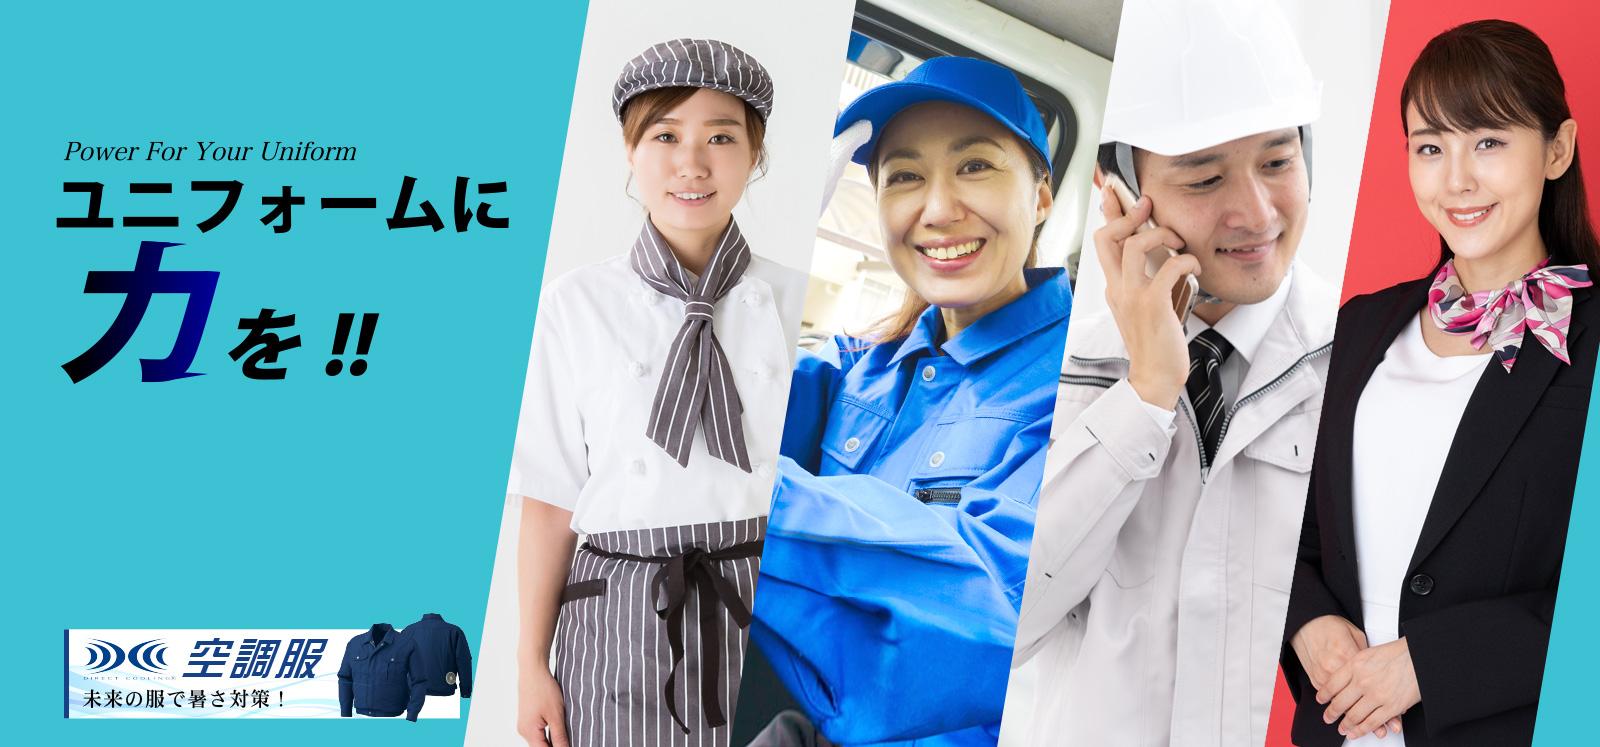 広島の制服「キョーリツコーポレーション株式会社」 スライド画像